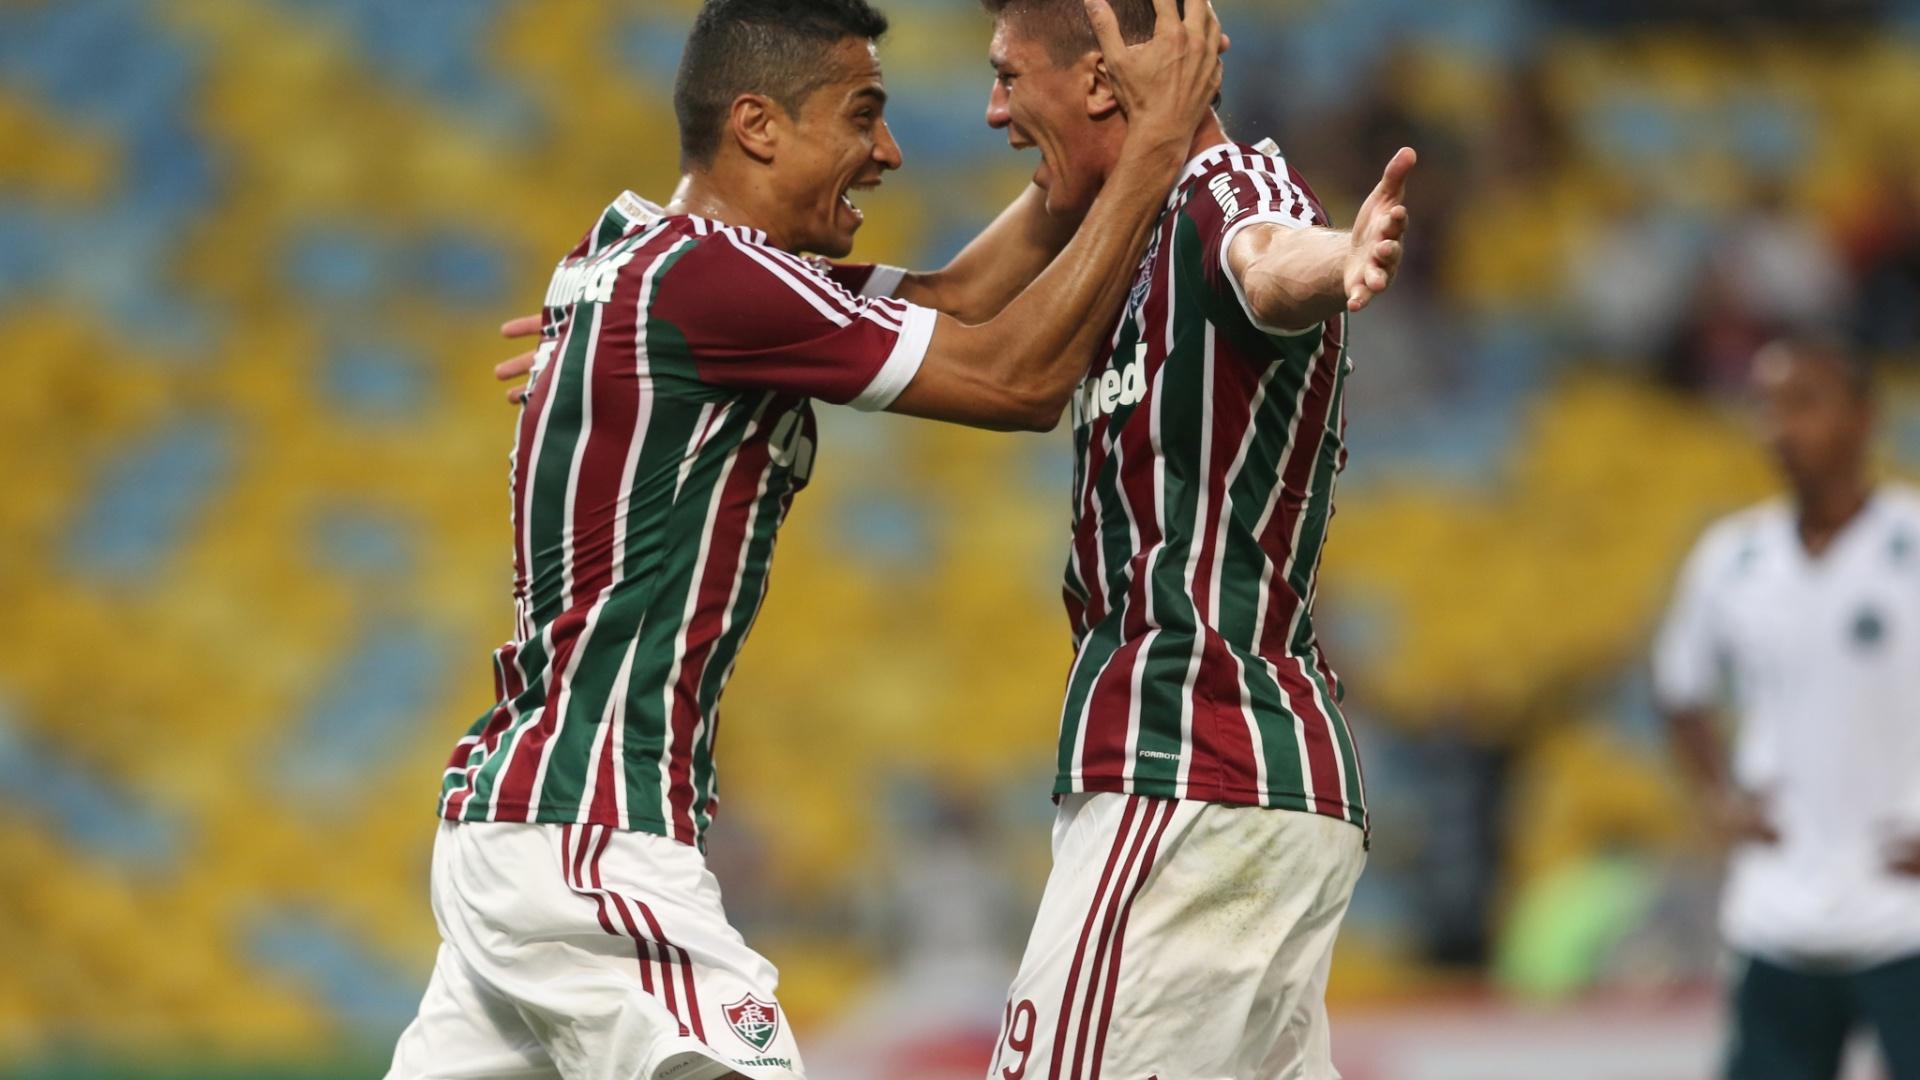 Cícero abraça Edson após gol do Fluminense contra o Goiás pela Copa Sul-Americana